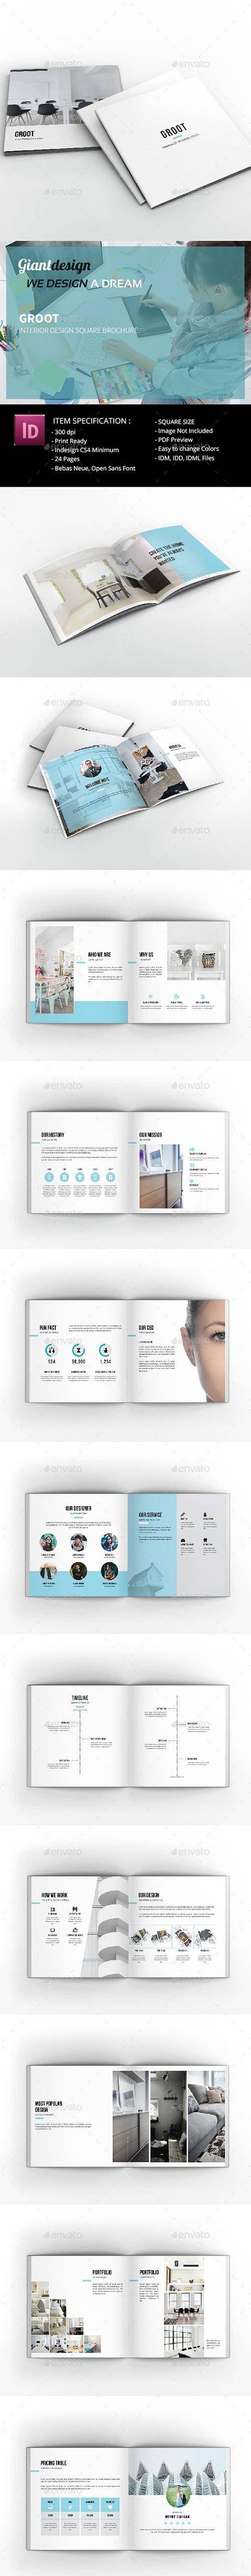 Graphicriver - Groot Interior Design Square Brochure 23000281